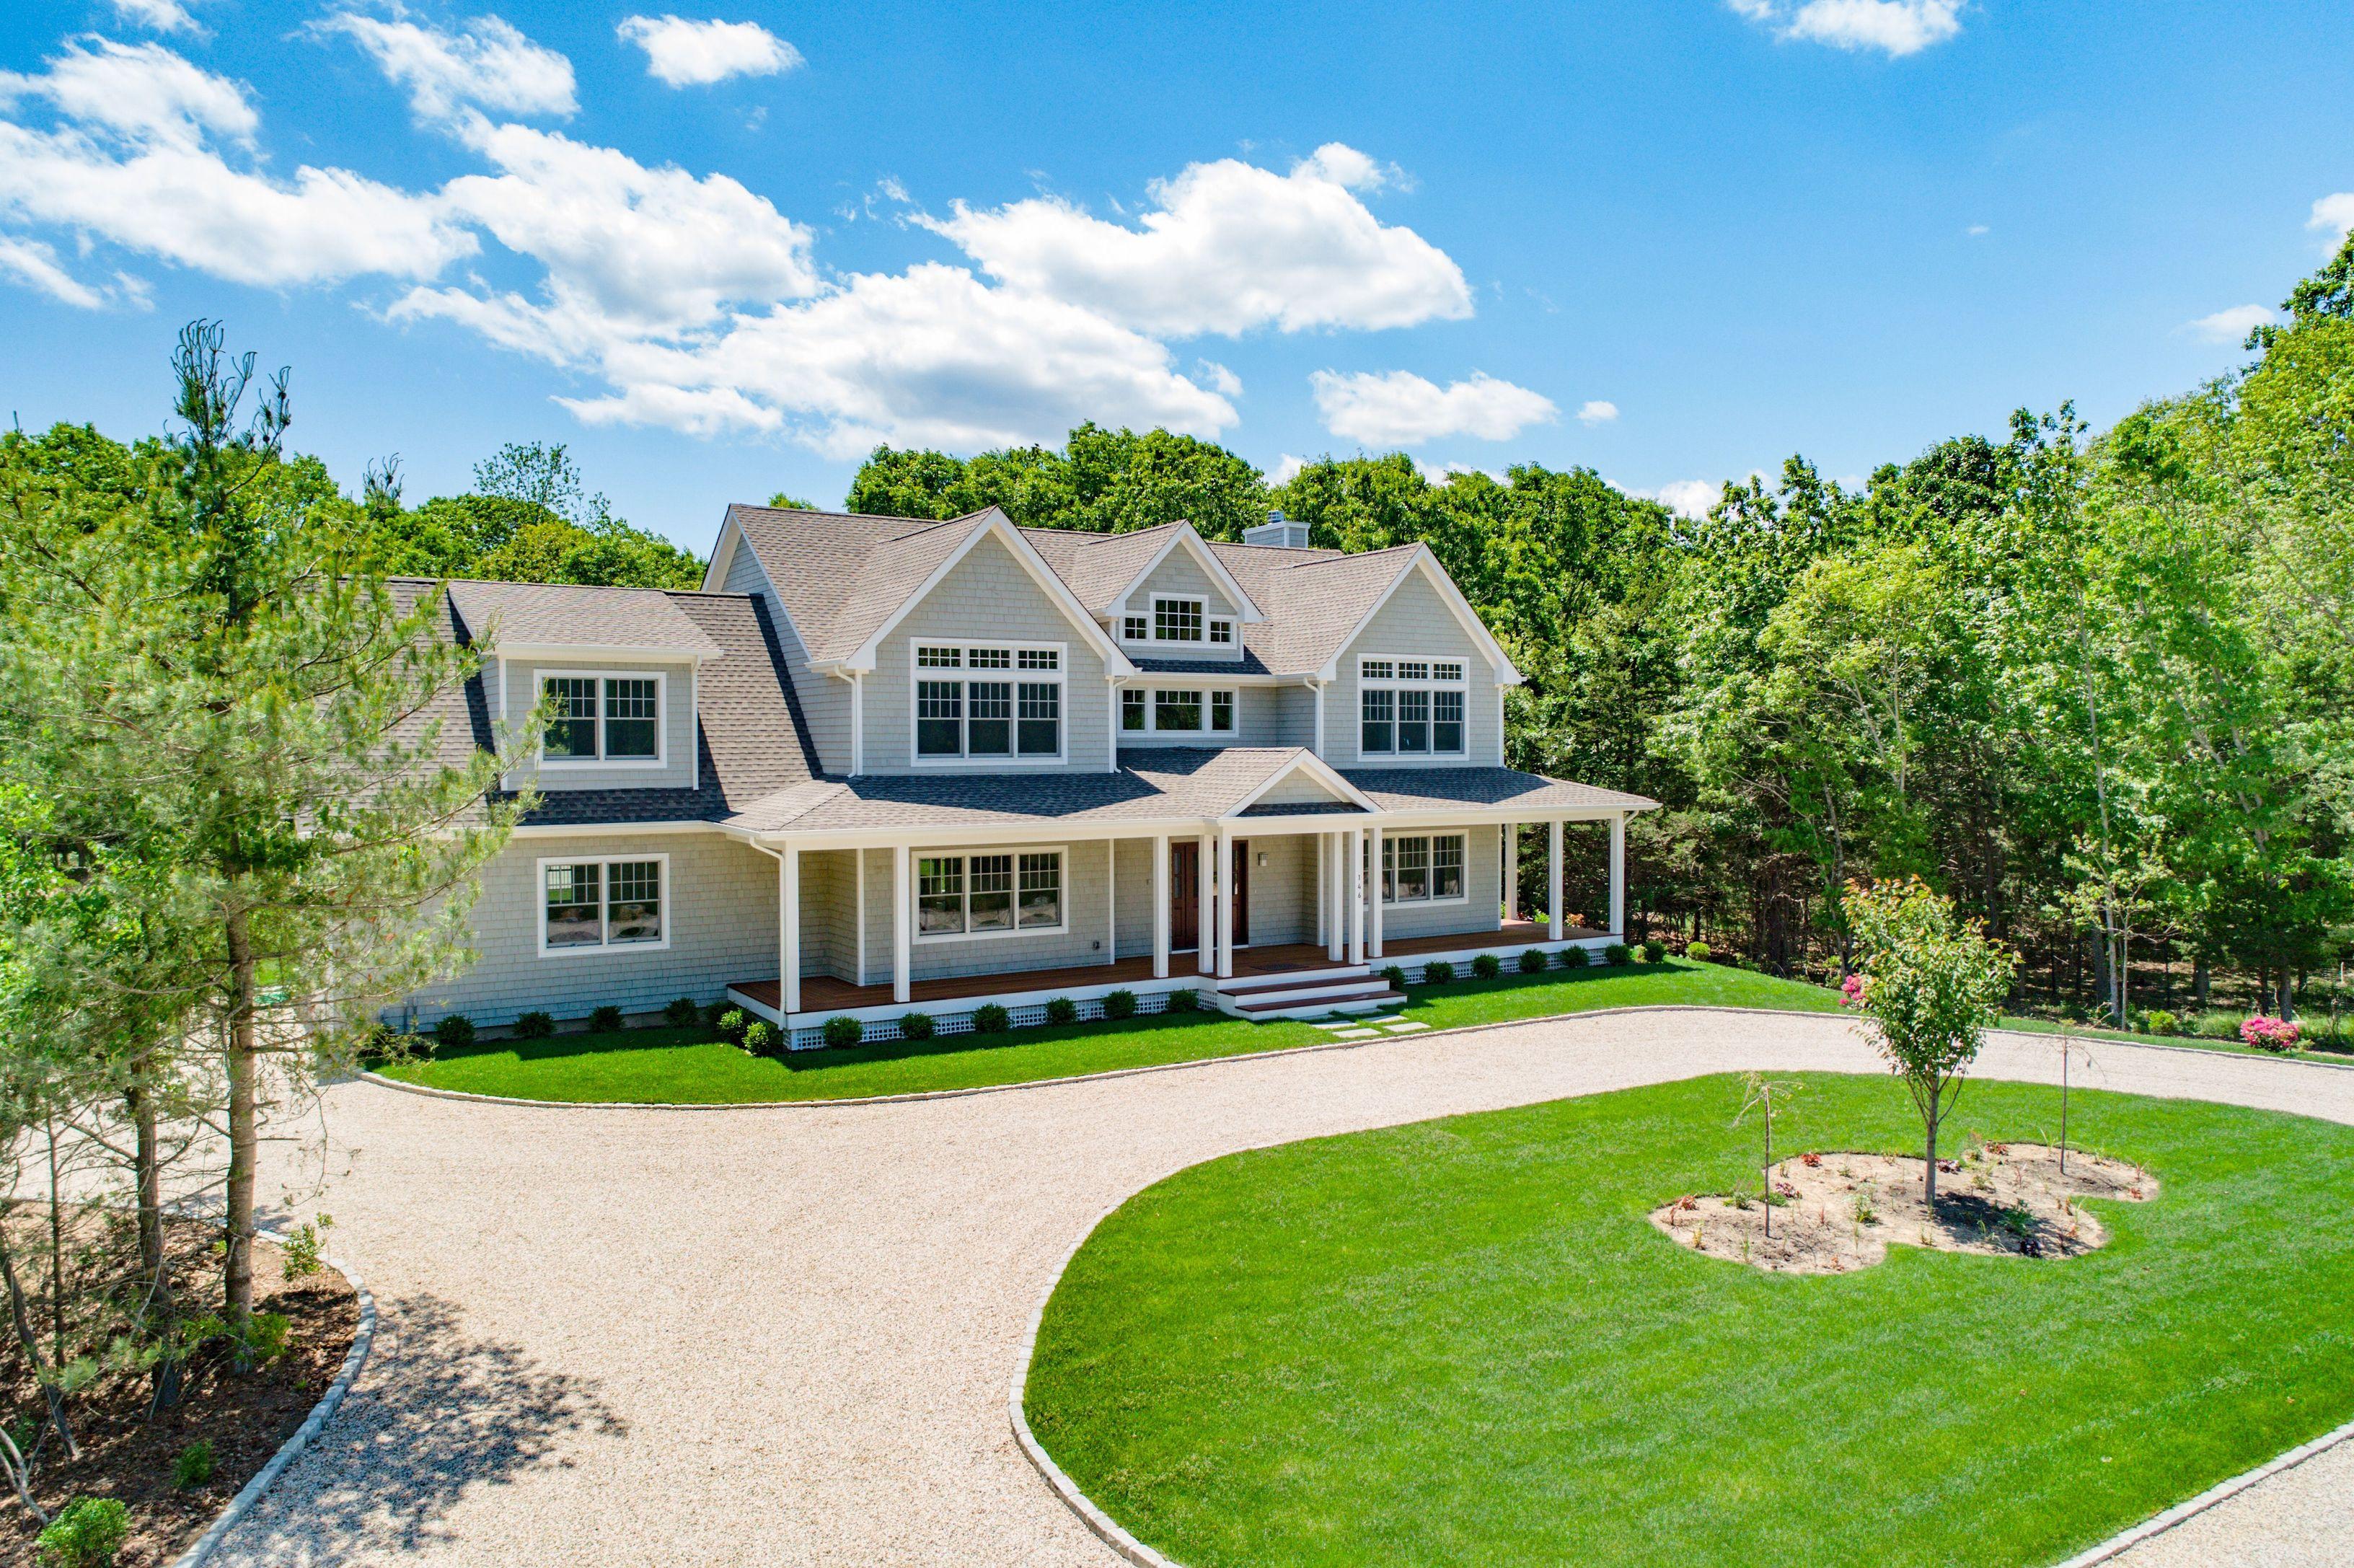 146 Three Mile Harbor Rd - East Hampton Village Fringe, New York